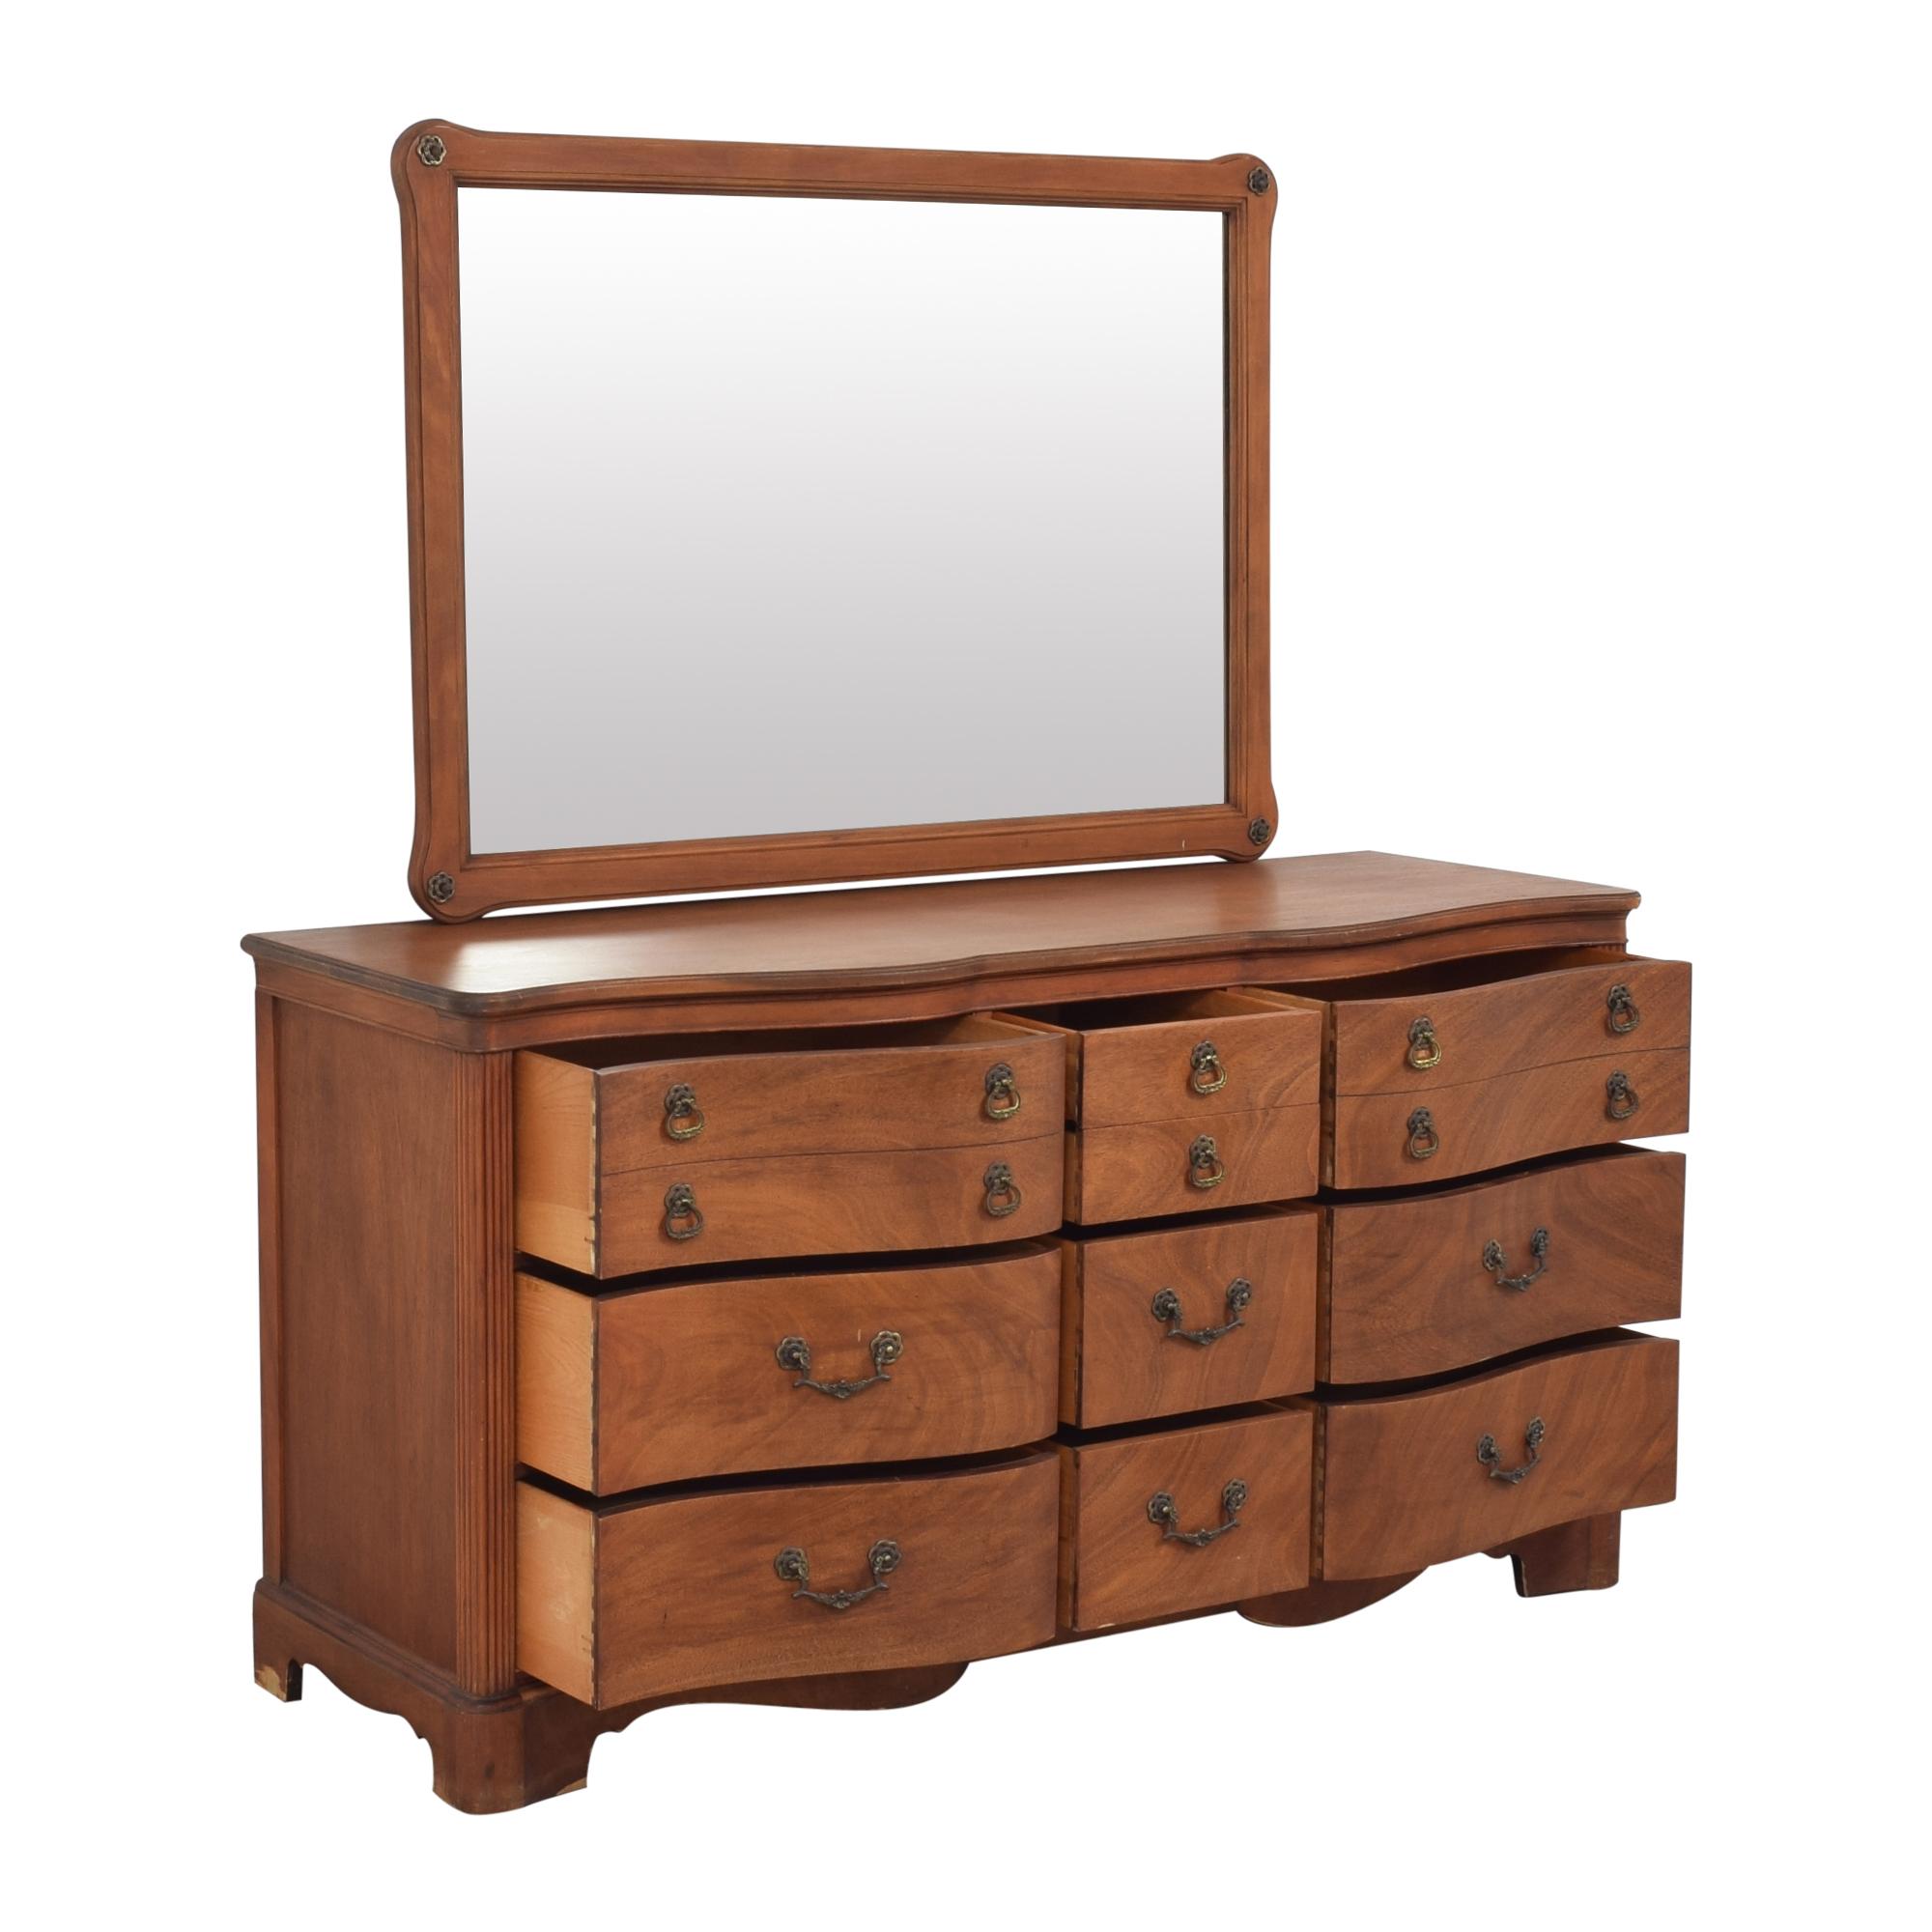 buy Drexel Triple Dresser with Mirror Drexel Dressers